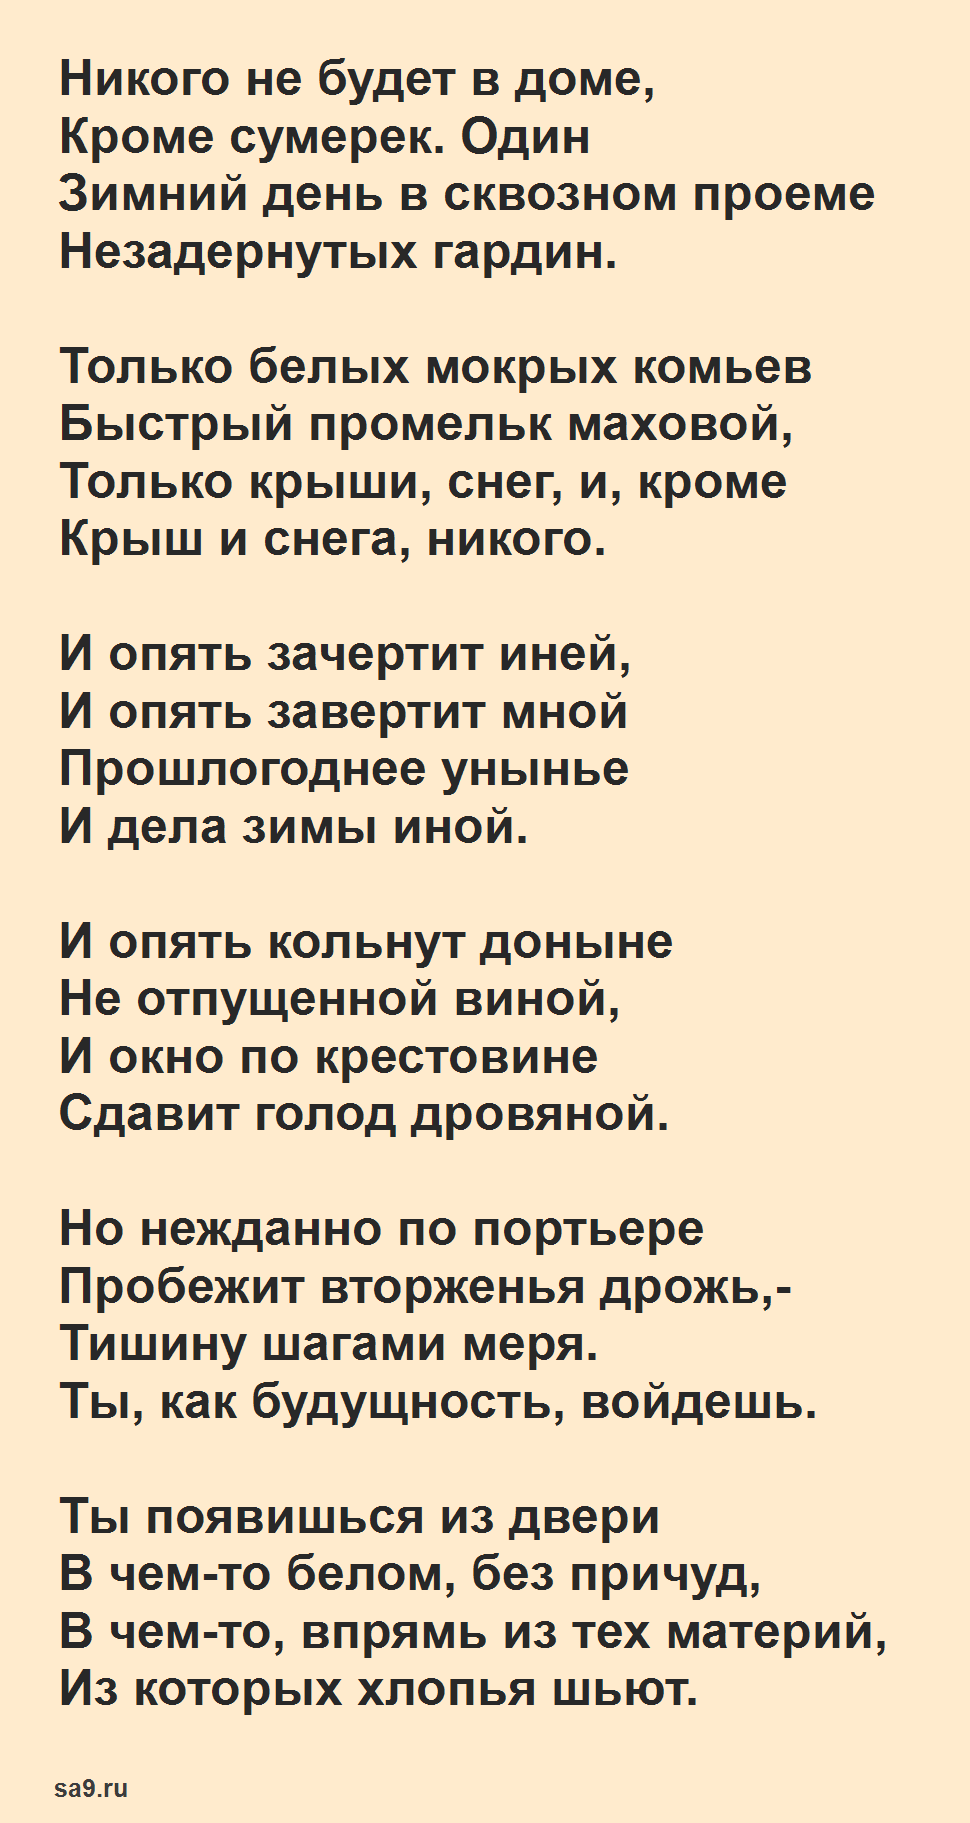 Пастернак стихи о любви - Никого не будет в доме